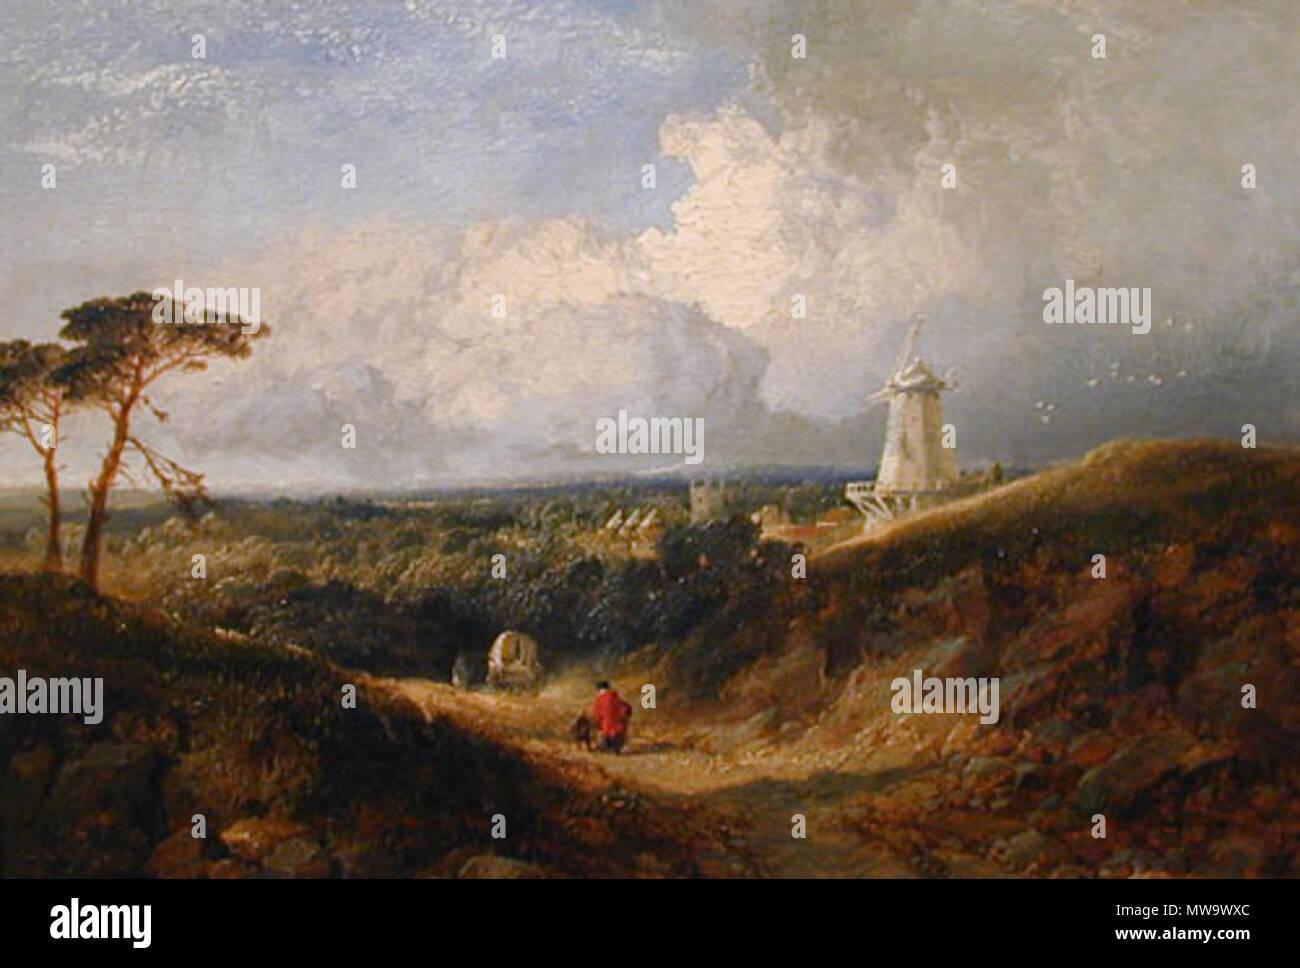 . Inglese: Pittura di Cranbrook, Kent. Il mulino è pensato per essere quello che si fermò a Cranbrook comuni e non l'Unione superstite Mill. Metà C19th. Edmund John Niemann (1813-76) 146 Cranbrook dipinto da Niemann Immagini Stock